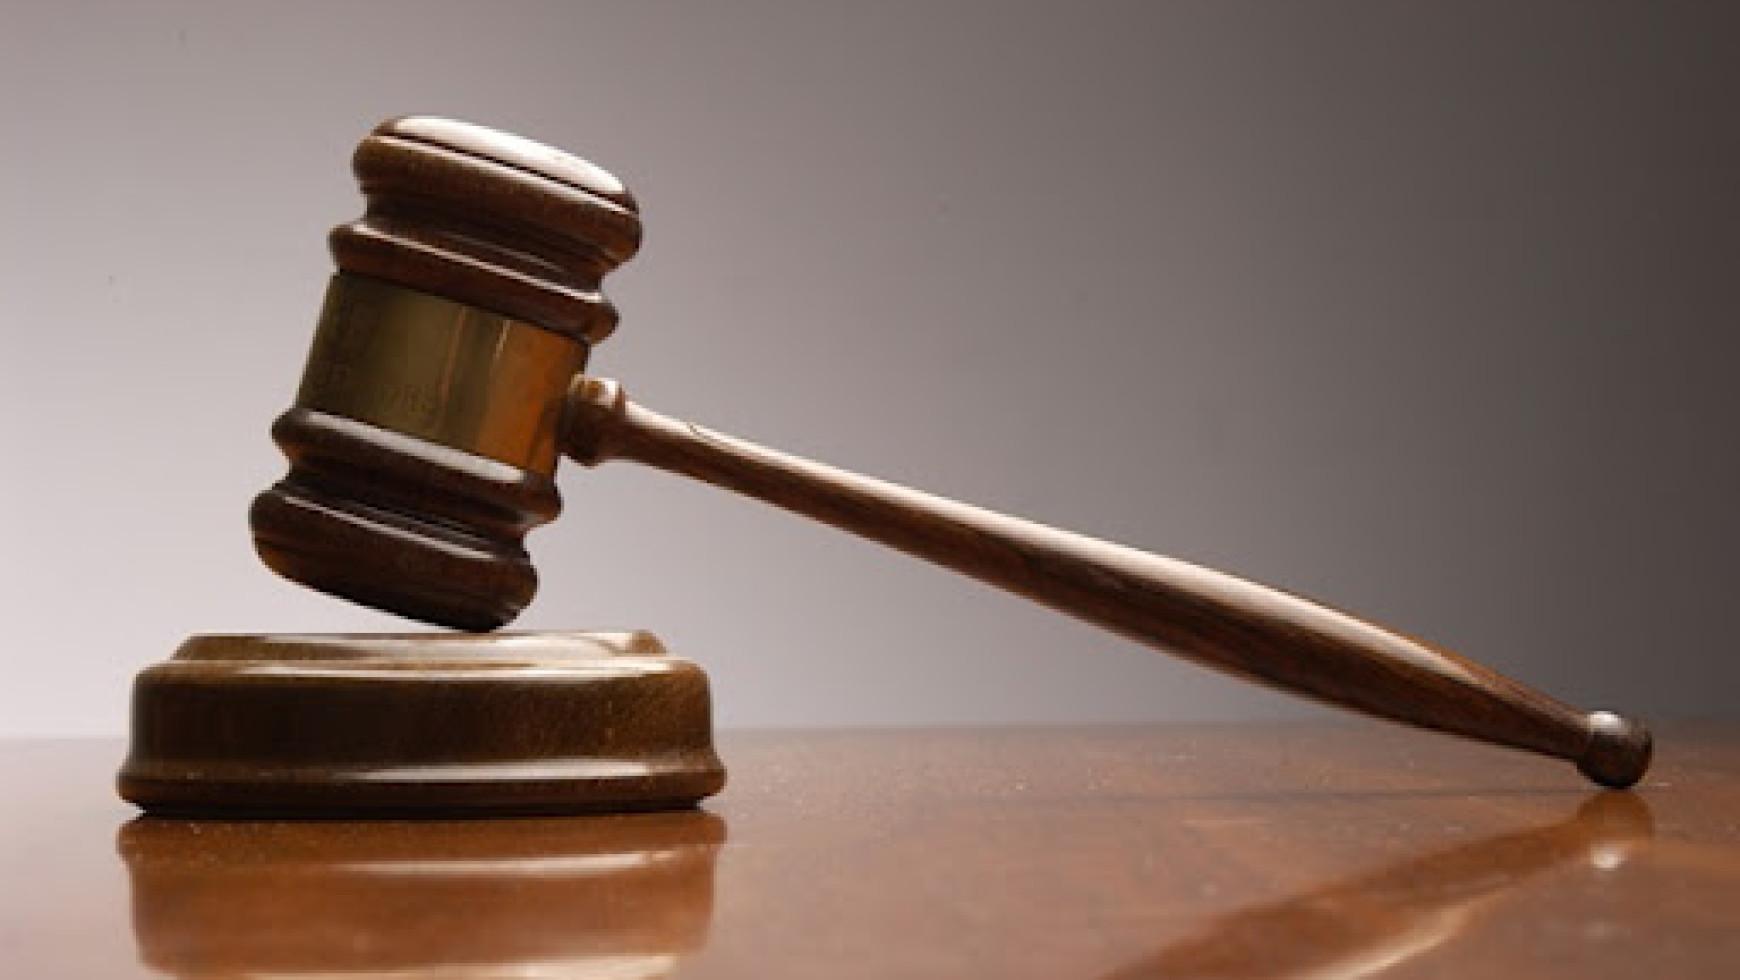 Predicacion: Nuestro abogado defensor (10/06/2012)